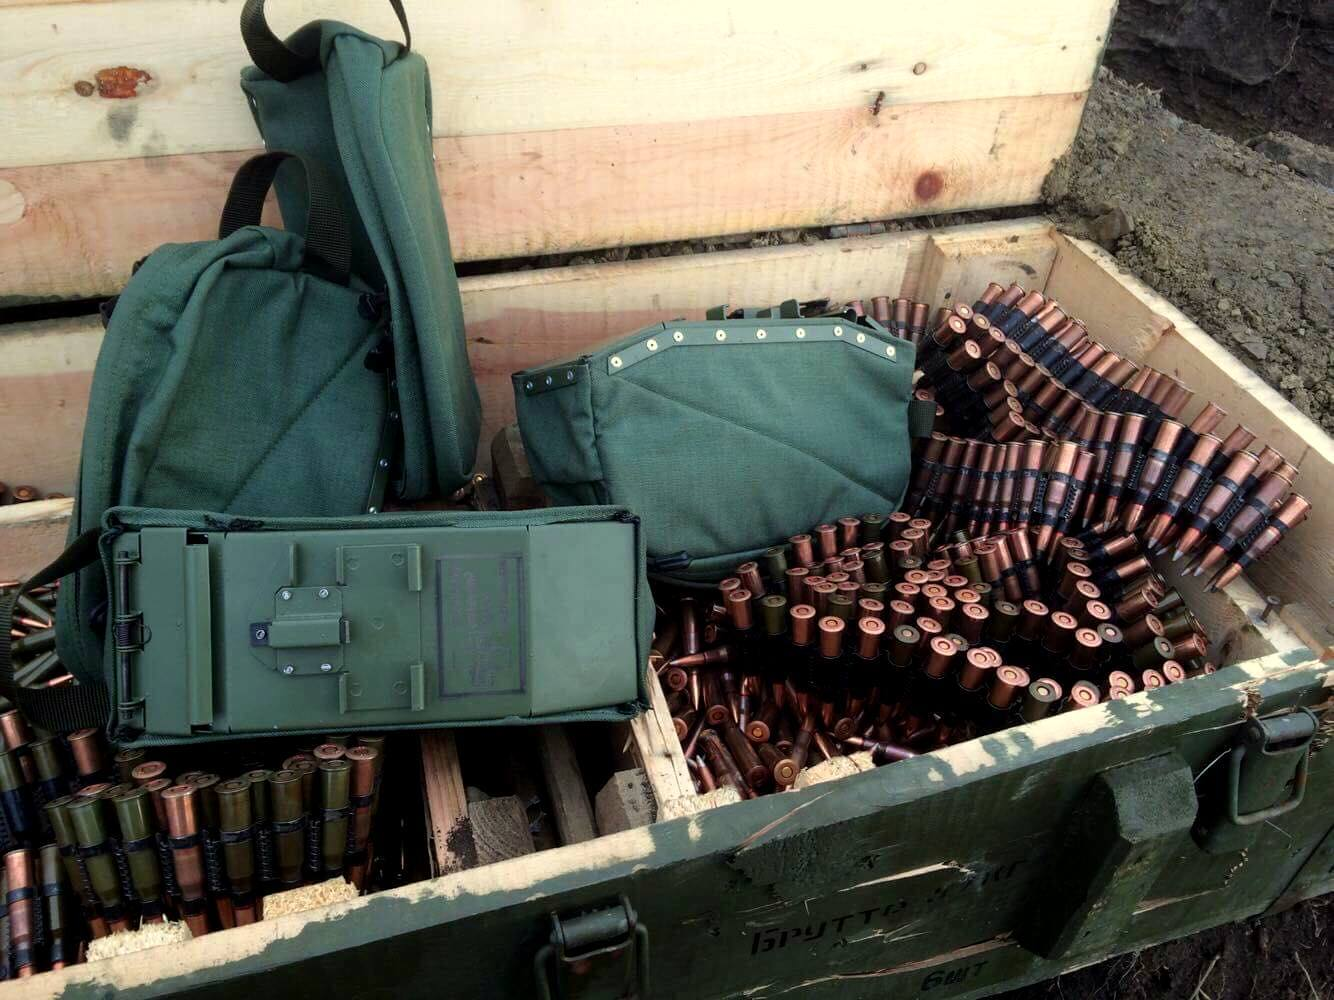 Перший звіт 2018 року про отримання партії м'яких коробів для кулеметів ПКМ підрозділом 54 бригади